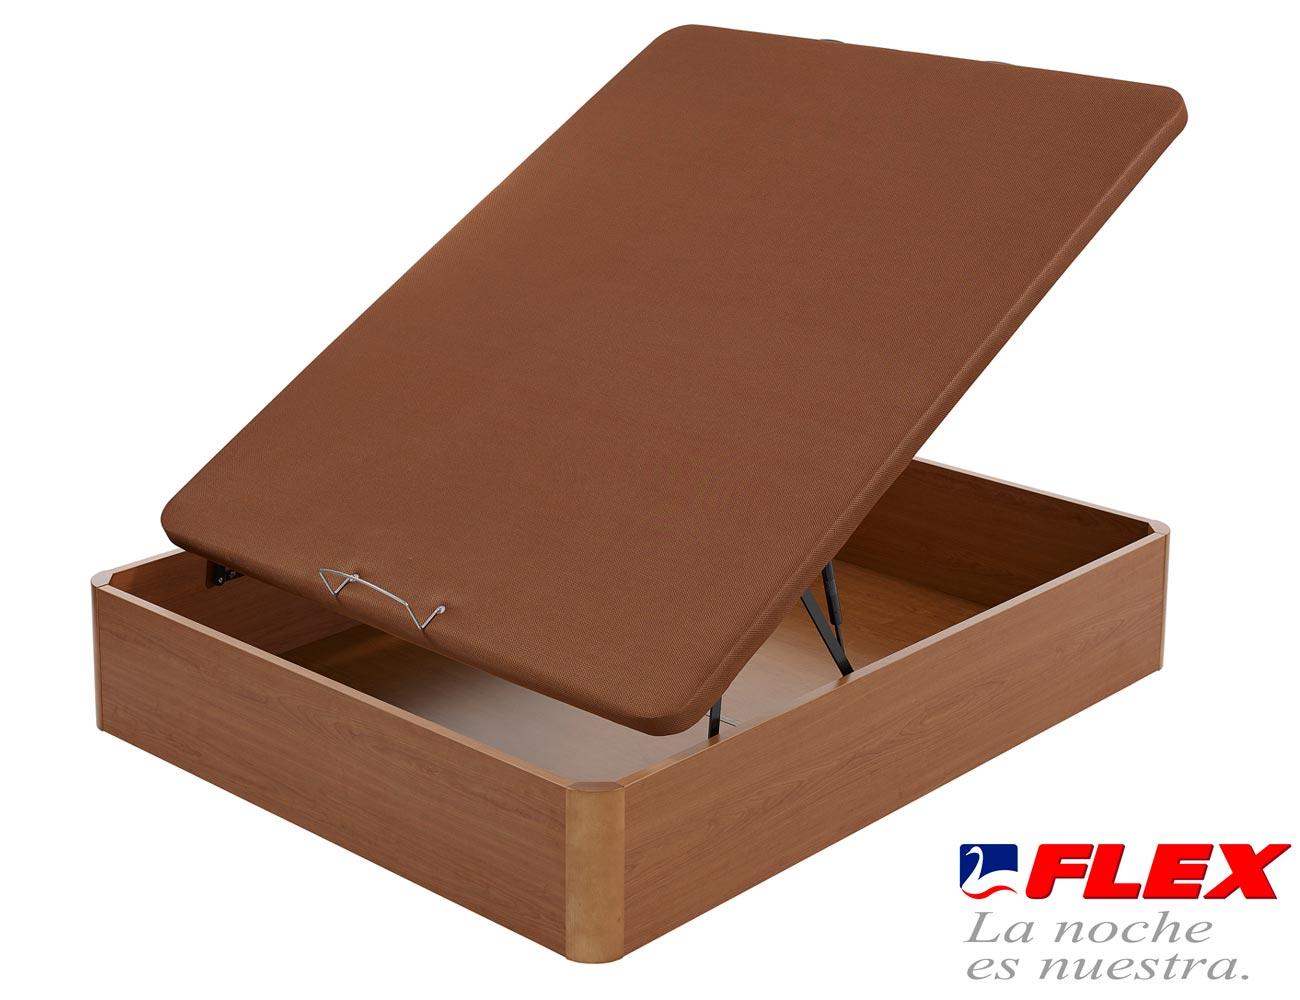 Canape flex madera abatible tapa3d 835